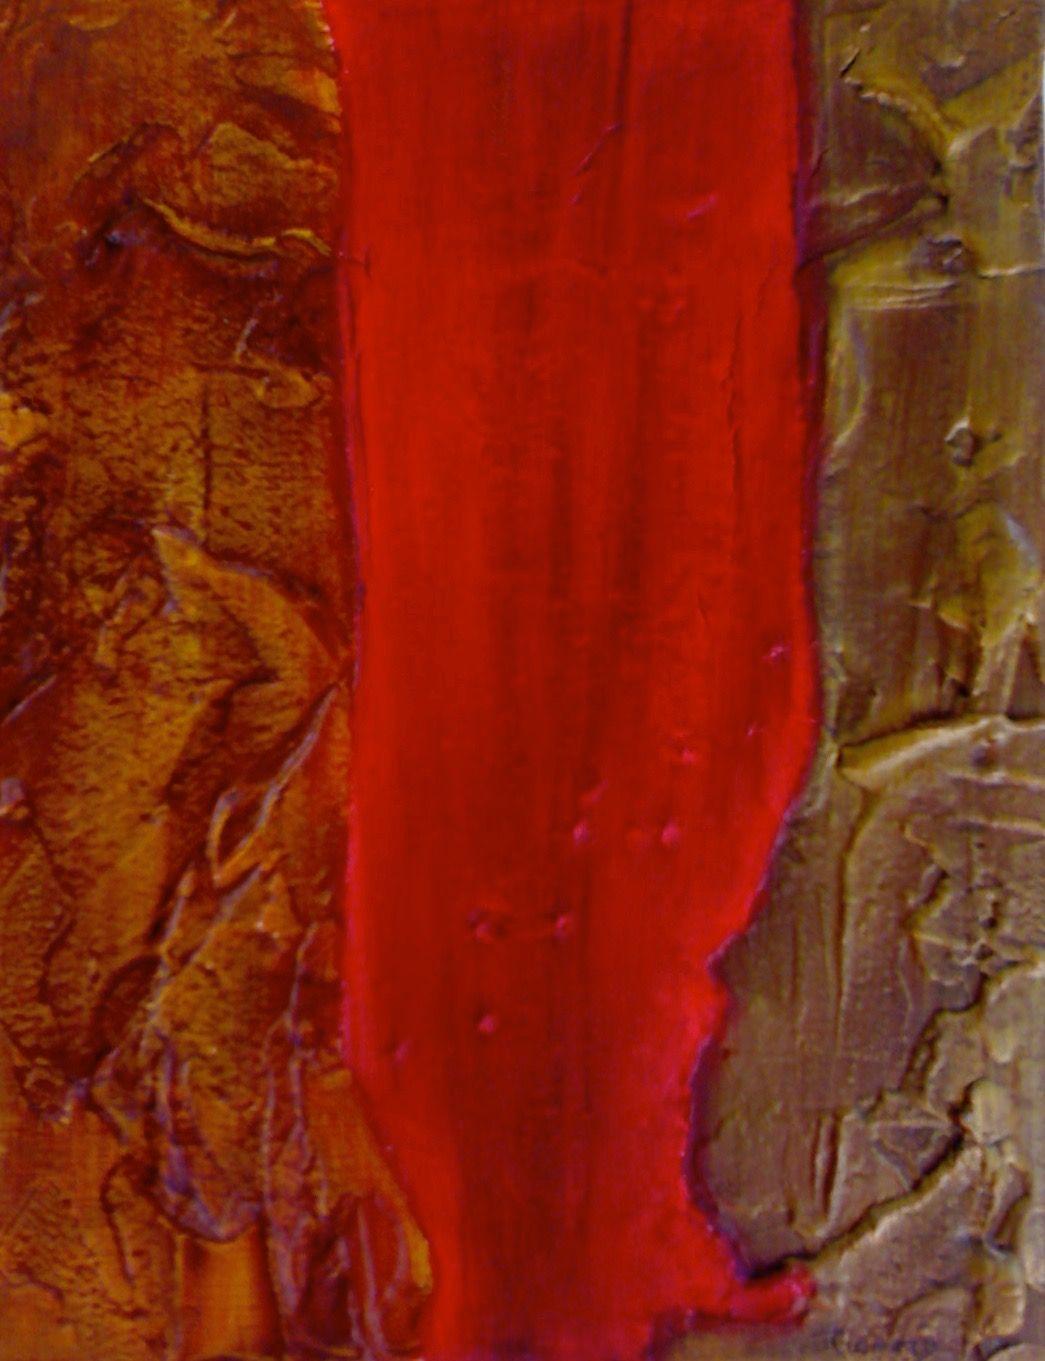 http://www.alittlemarket.com/peintures/fr_tableaux_acrylique_35x27_n29_-15883684.html